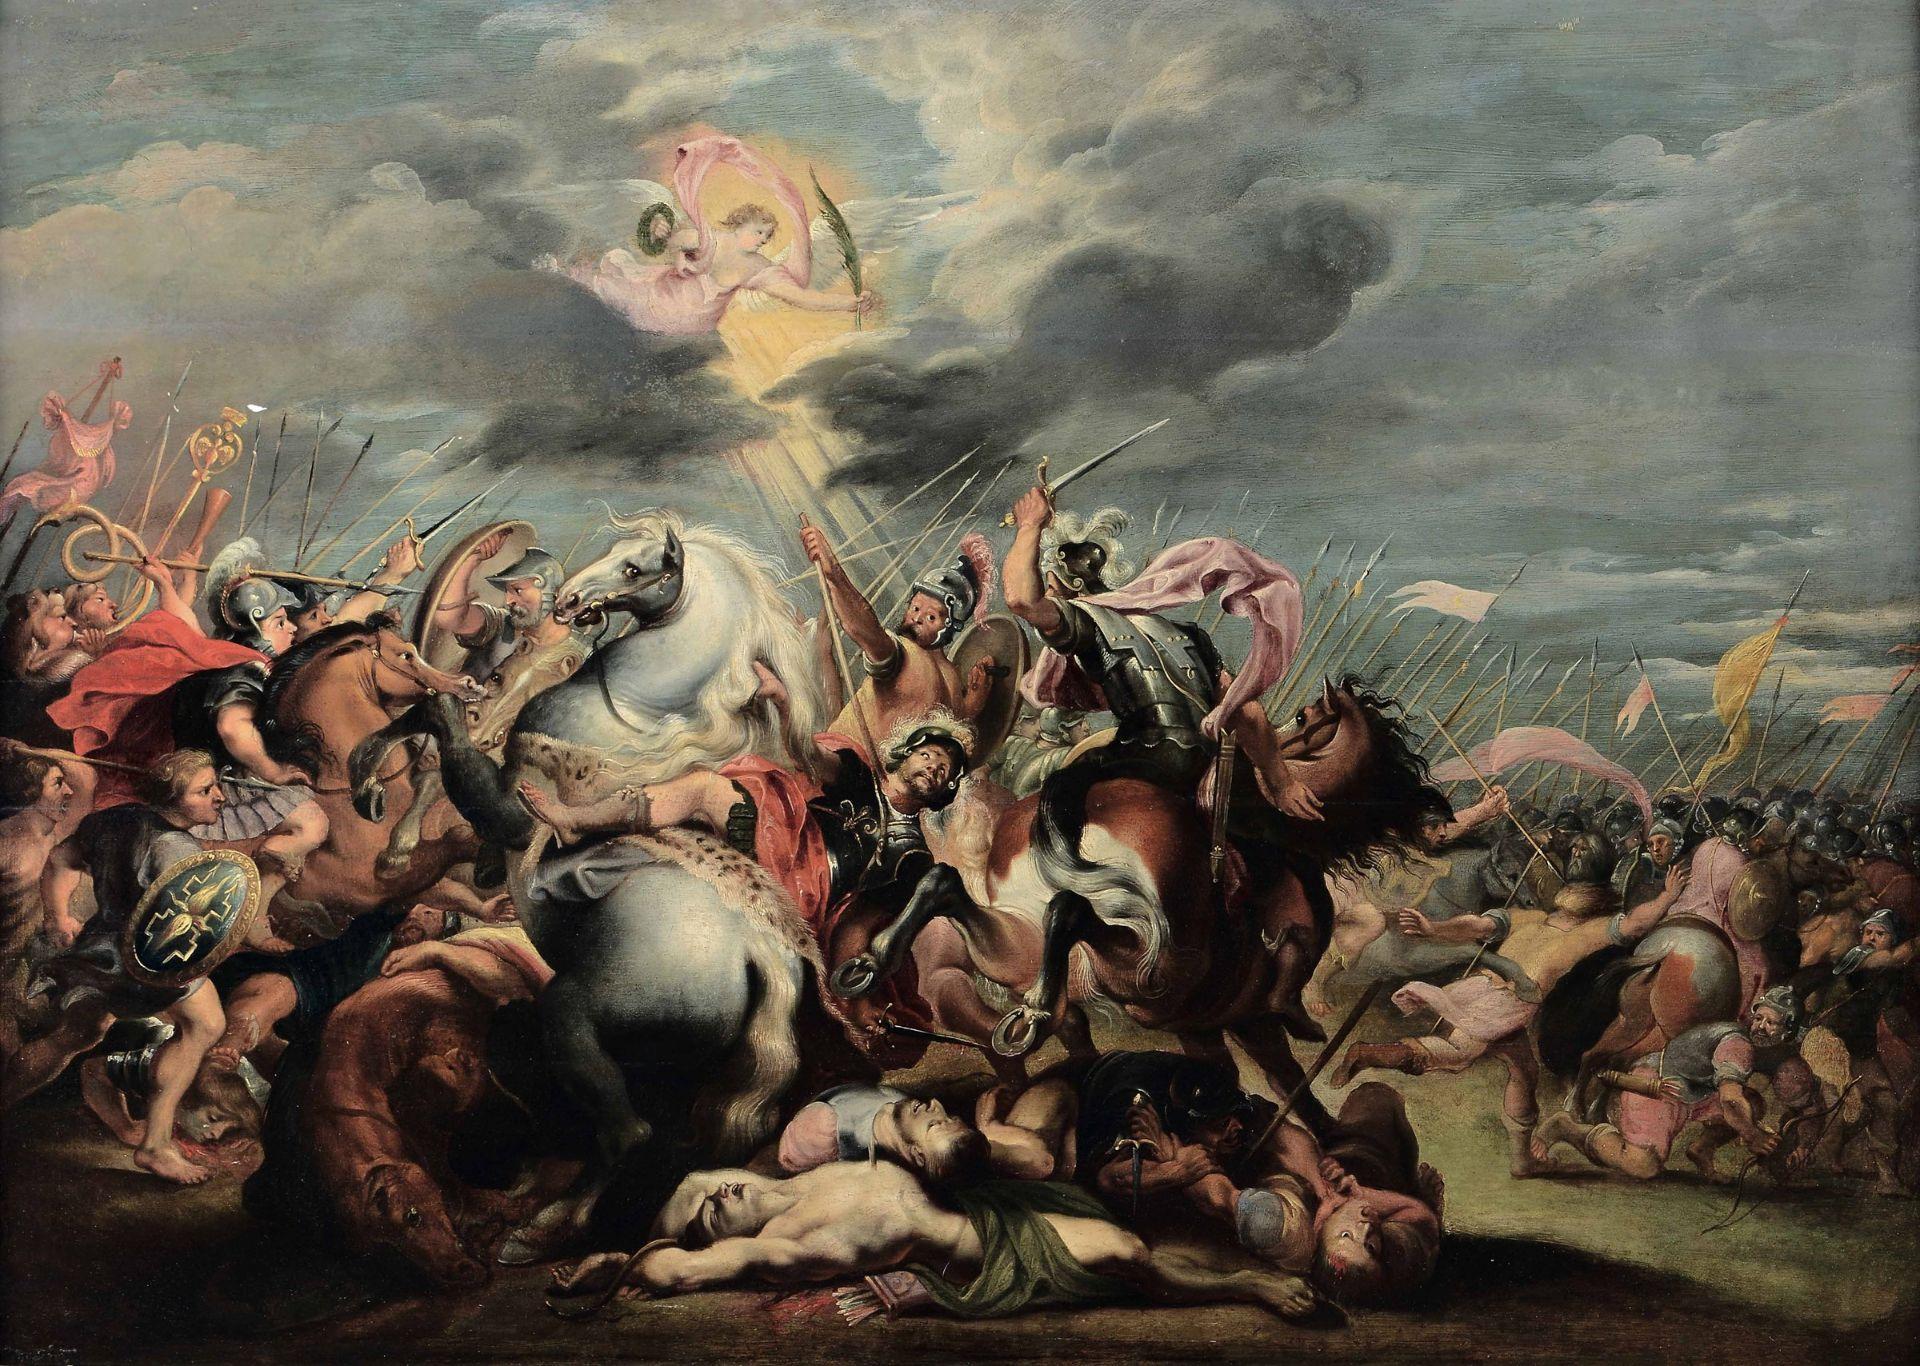 Los 56 - Scuola del Nord Europa dell'inizio del XVIII secolo, Battaglia con cavalieri - olio [...]